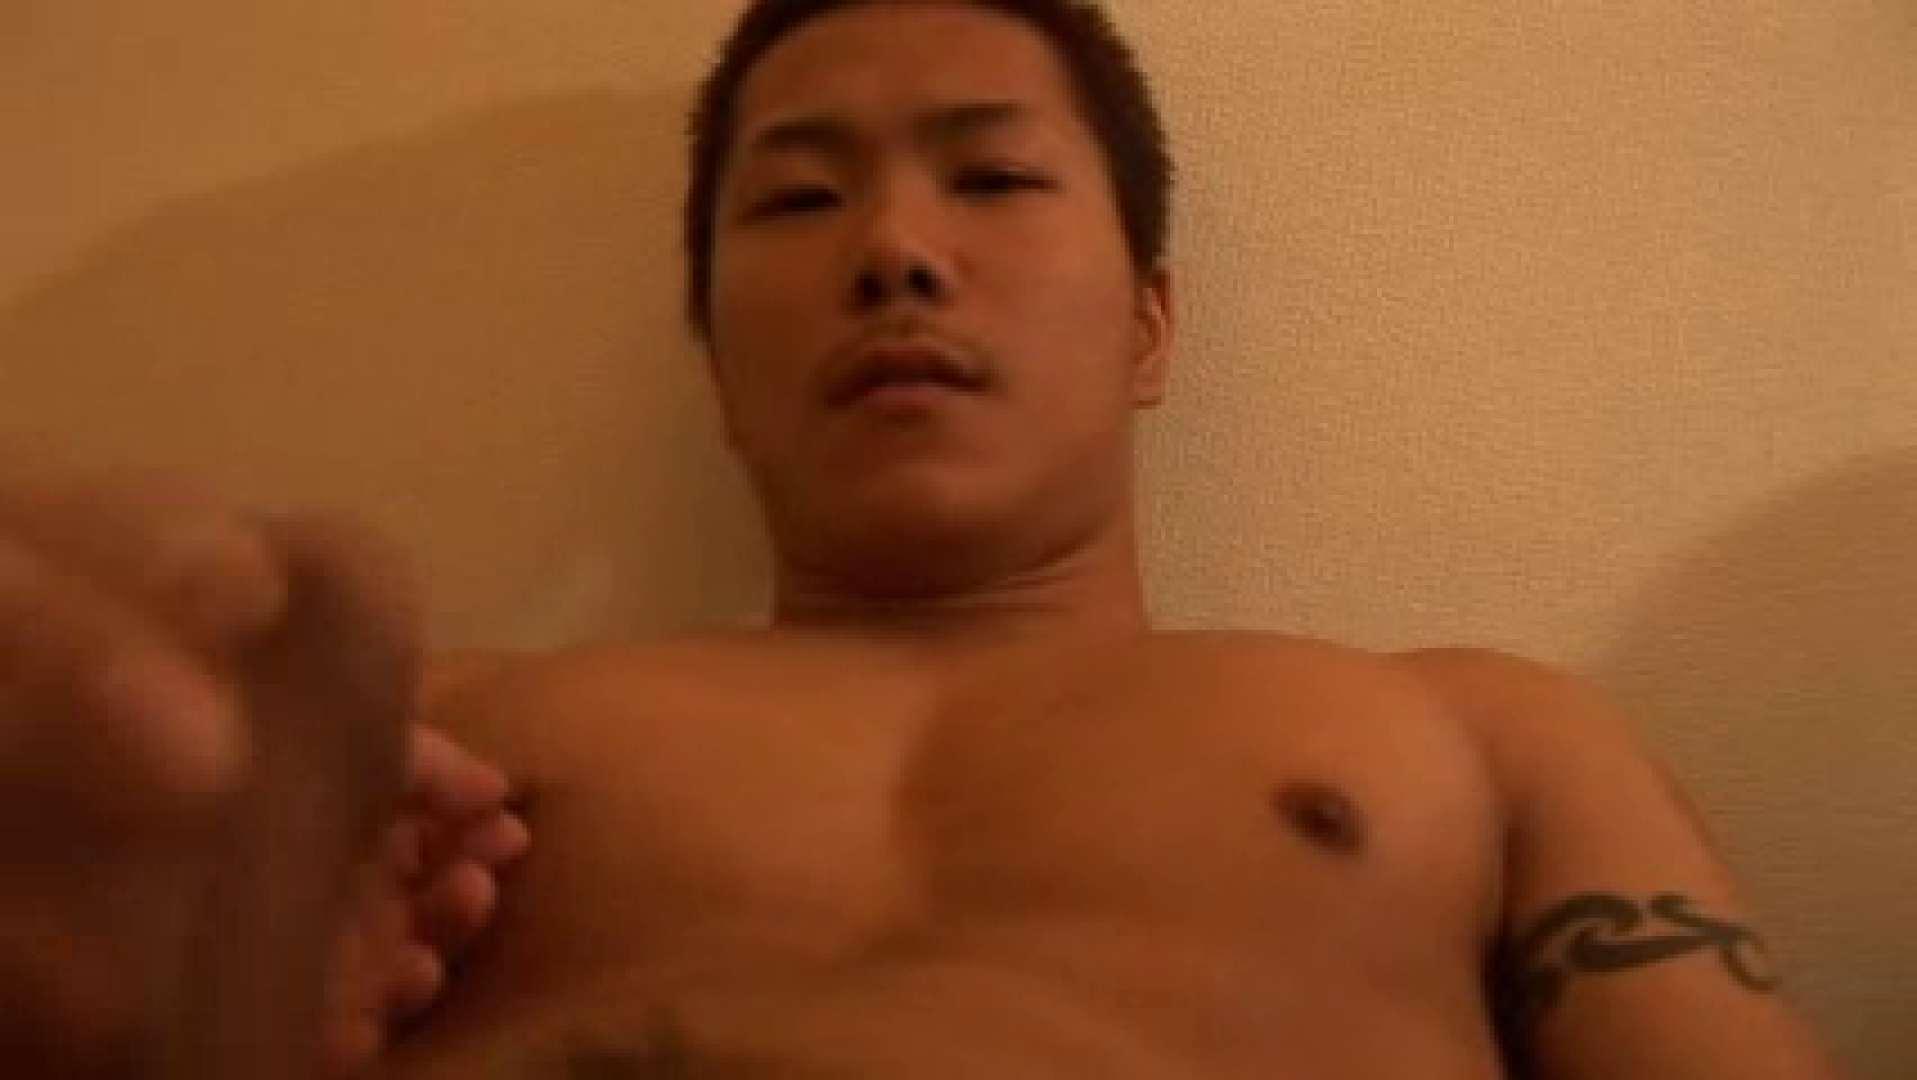 イケメン!!炸裂 Muscle  Stick!! その3 ゲイのオナニー映像 ちんこ画像 66枚 2